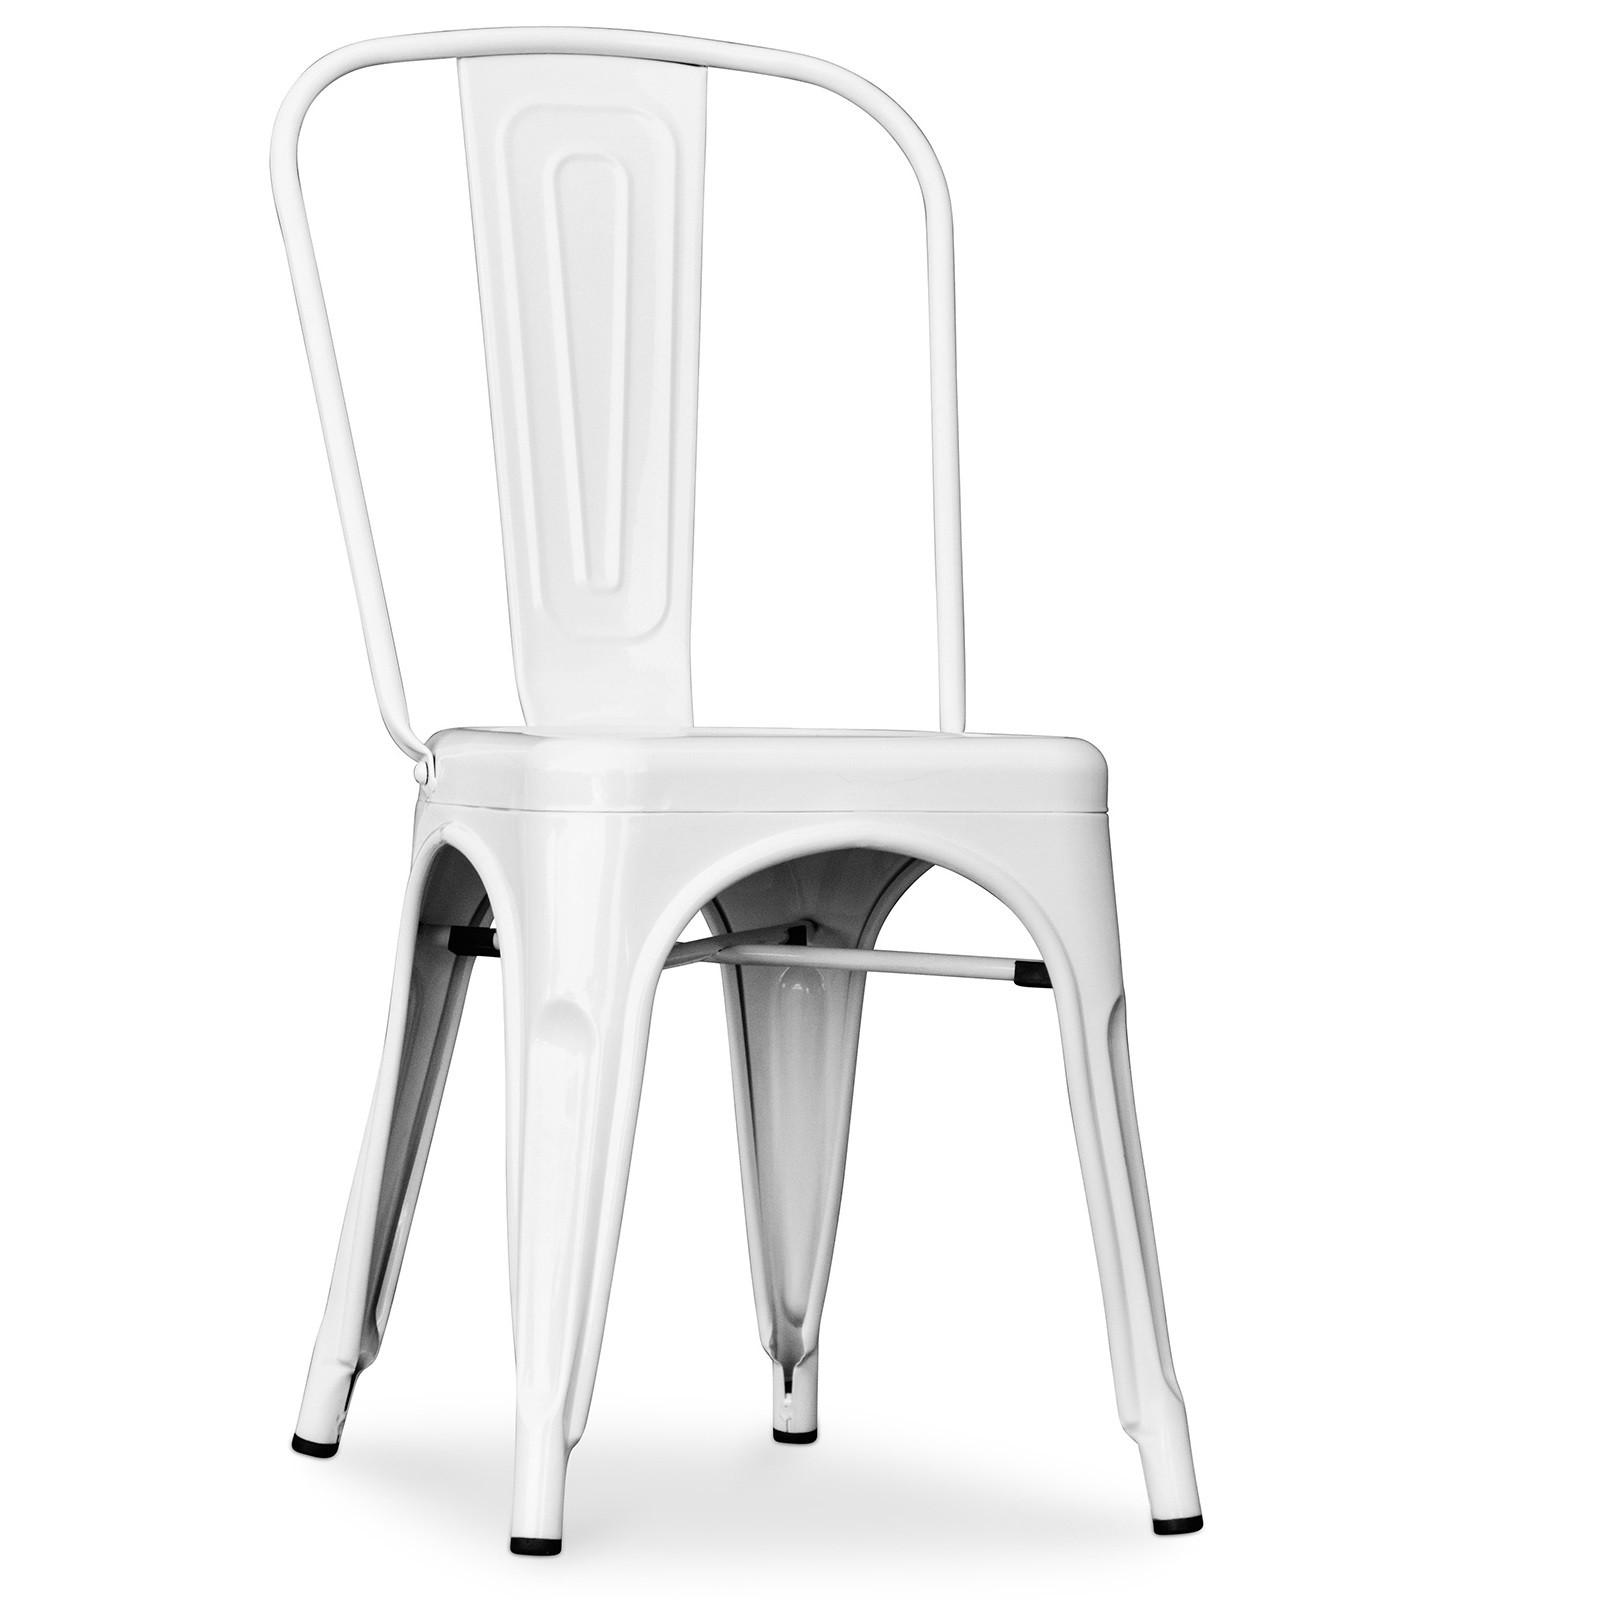 chaise industrielle acier blanc brillant tolix lot de 2. Black Bedroom Furniture Sets. Home Design Ideas